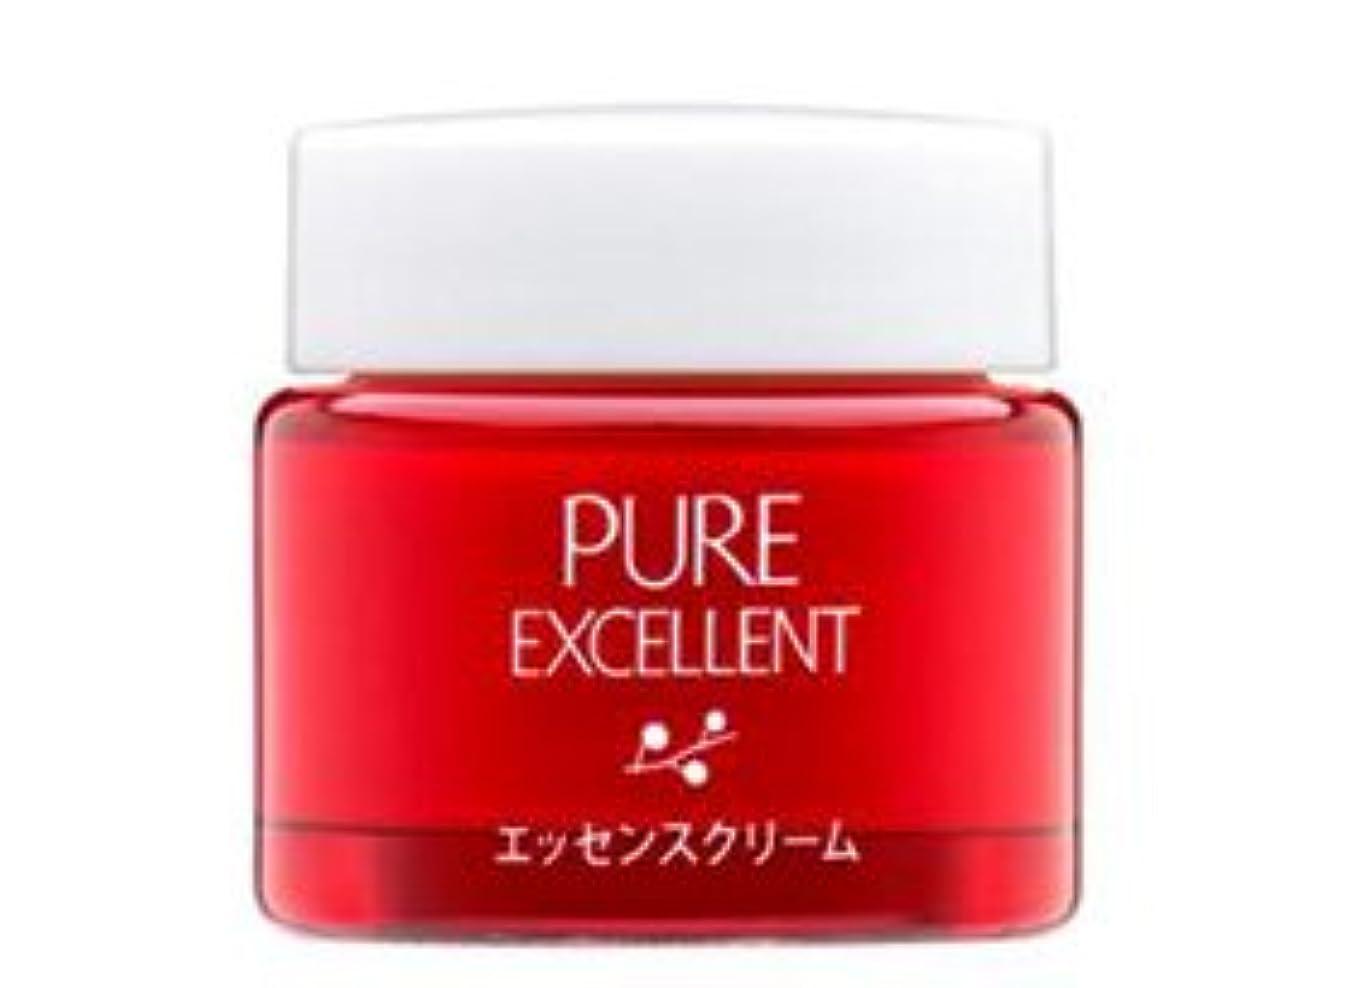 キャメル目覚めるアミューズメントハイム化粧品/エッセンスクリーム【ピュアエクセレントG】